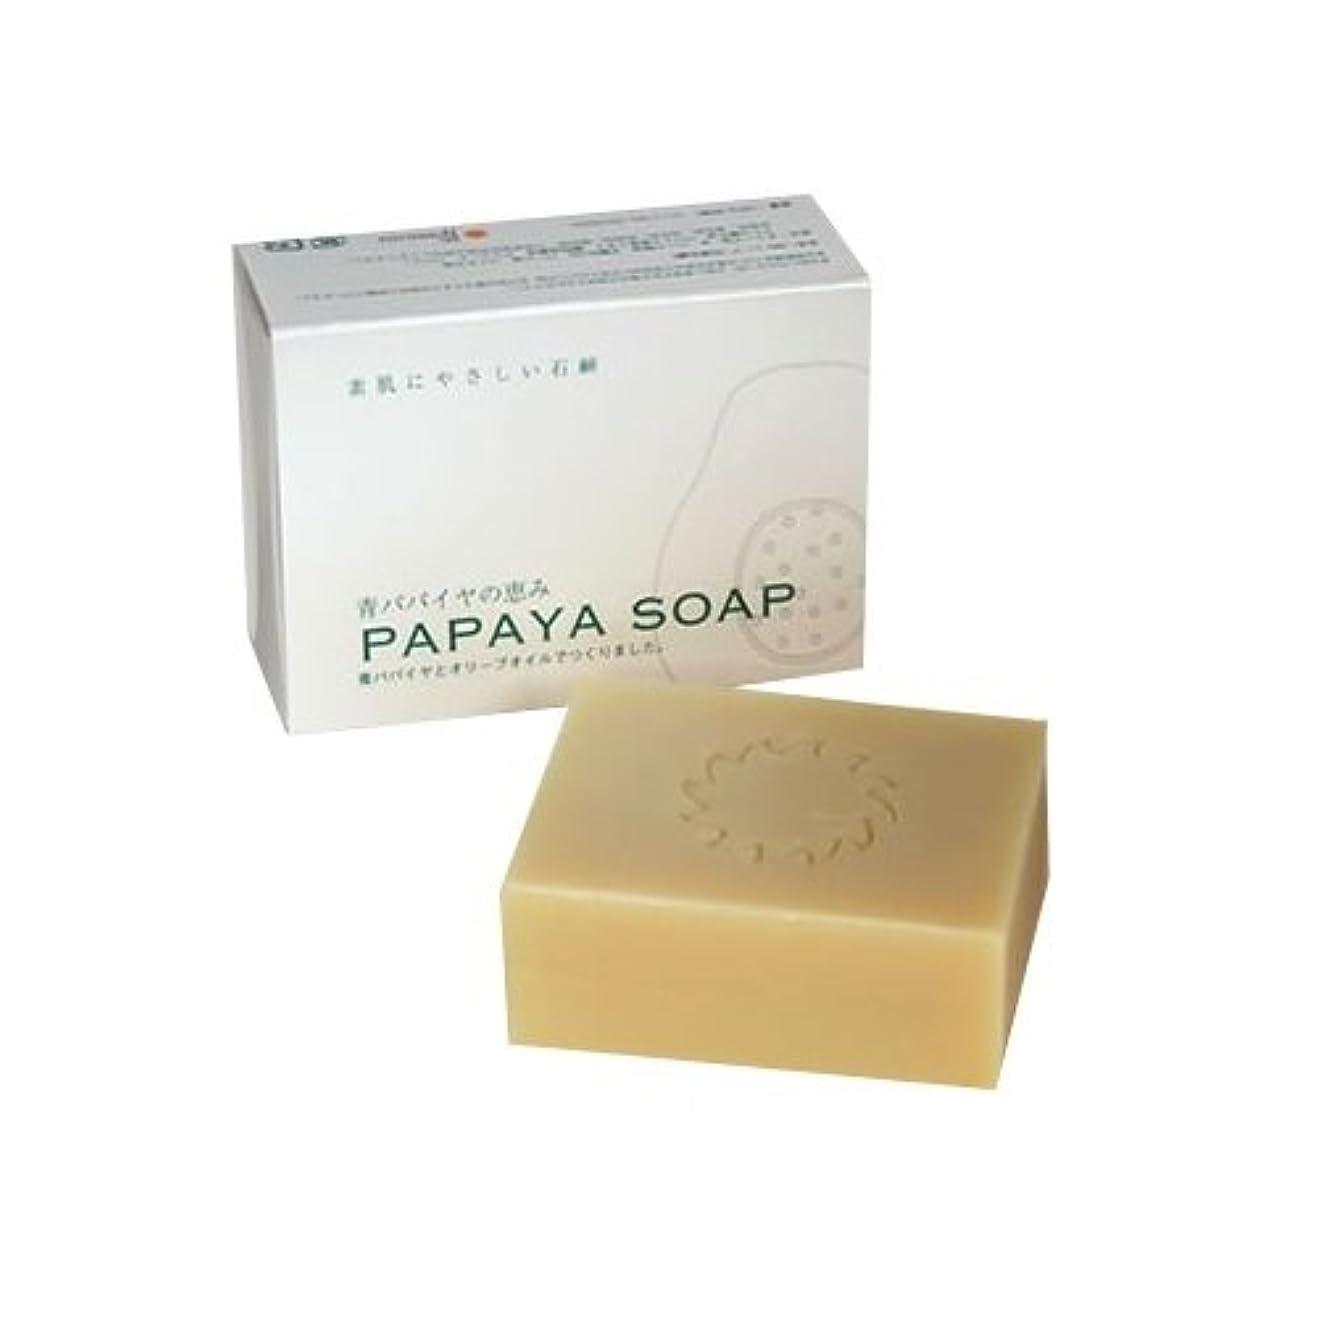 センサーインディカ練る青パパイヤの恵み PAPAYA SOAP(パパイヤソープ) 100g